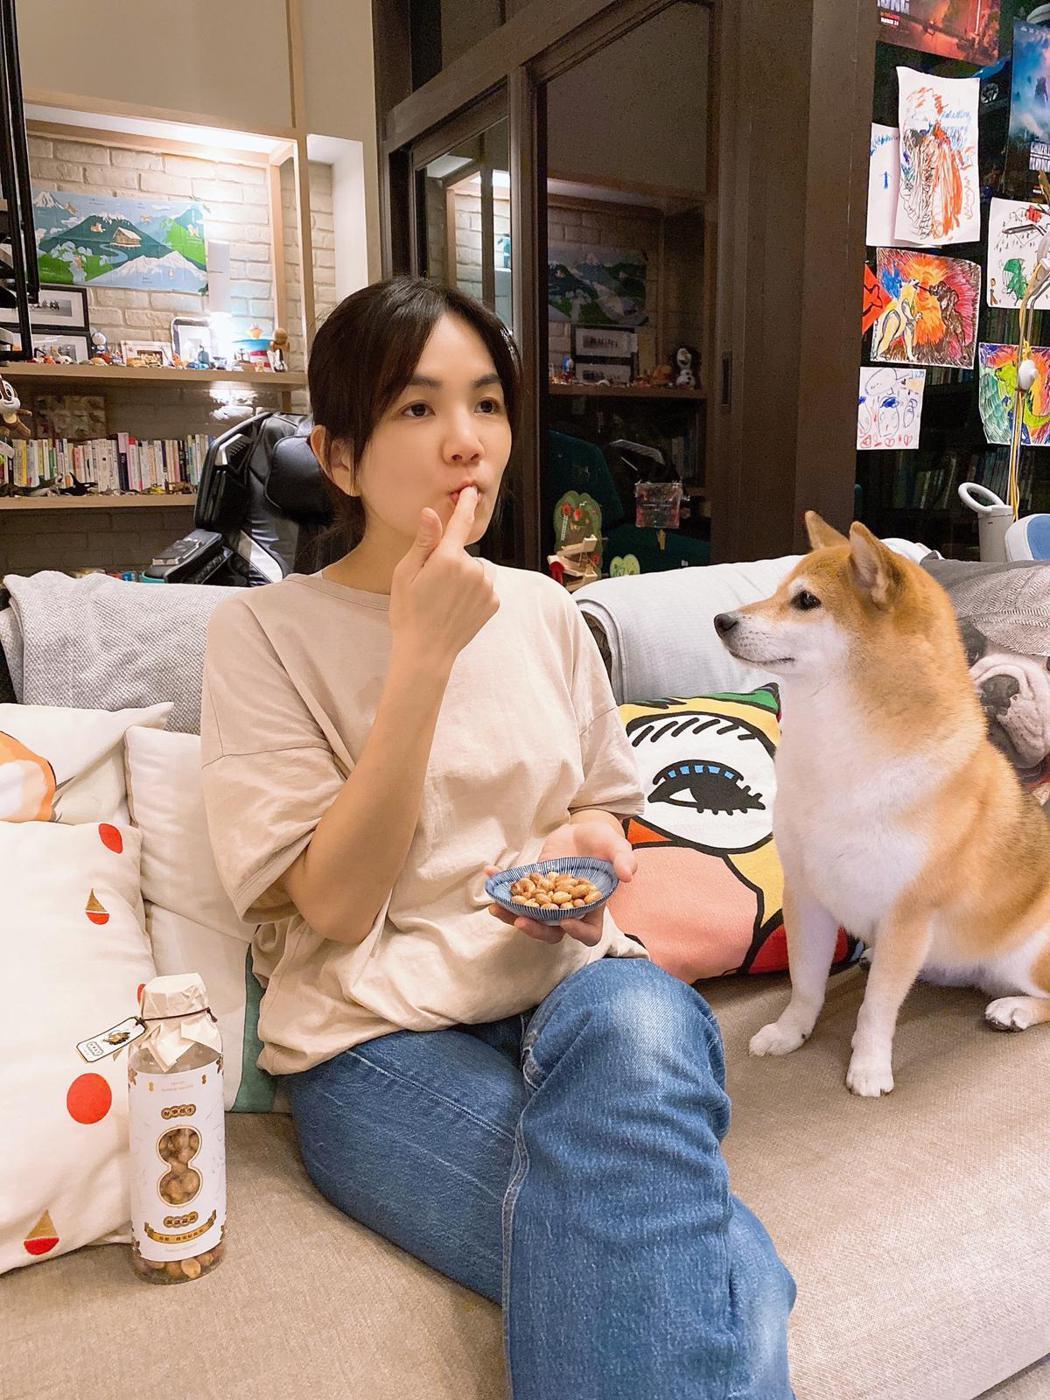 Ella(左)半夜堅持不敢多吃,只能跟愛犬布丁嗑花生解饞。圖/十得私廚提供